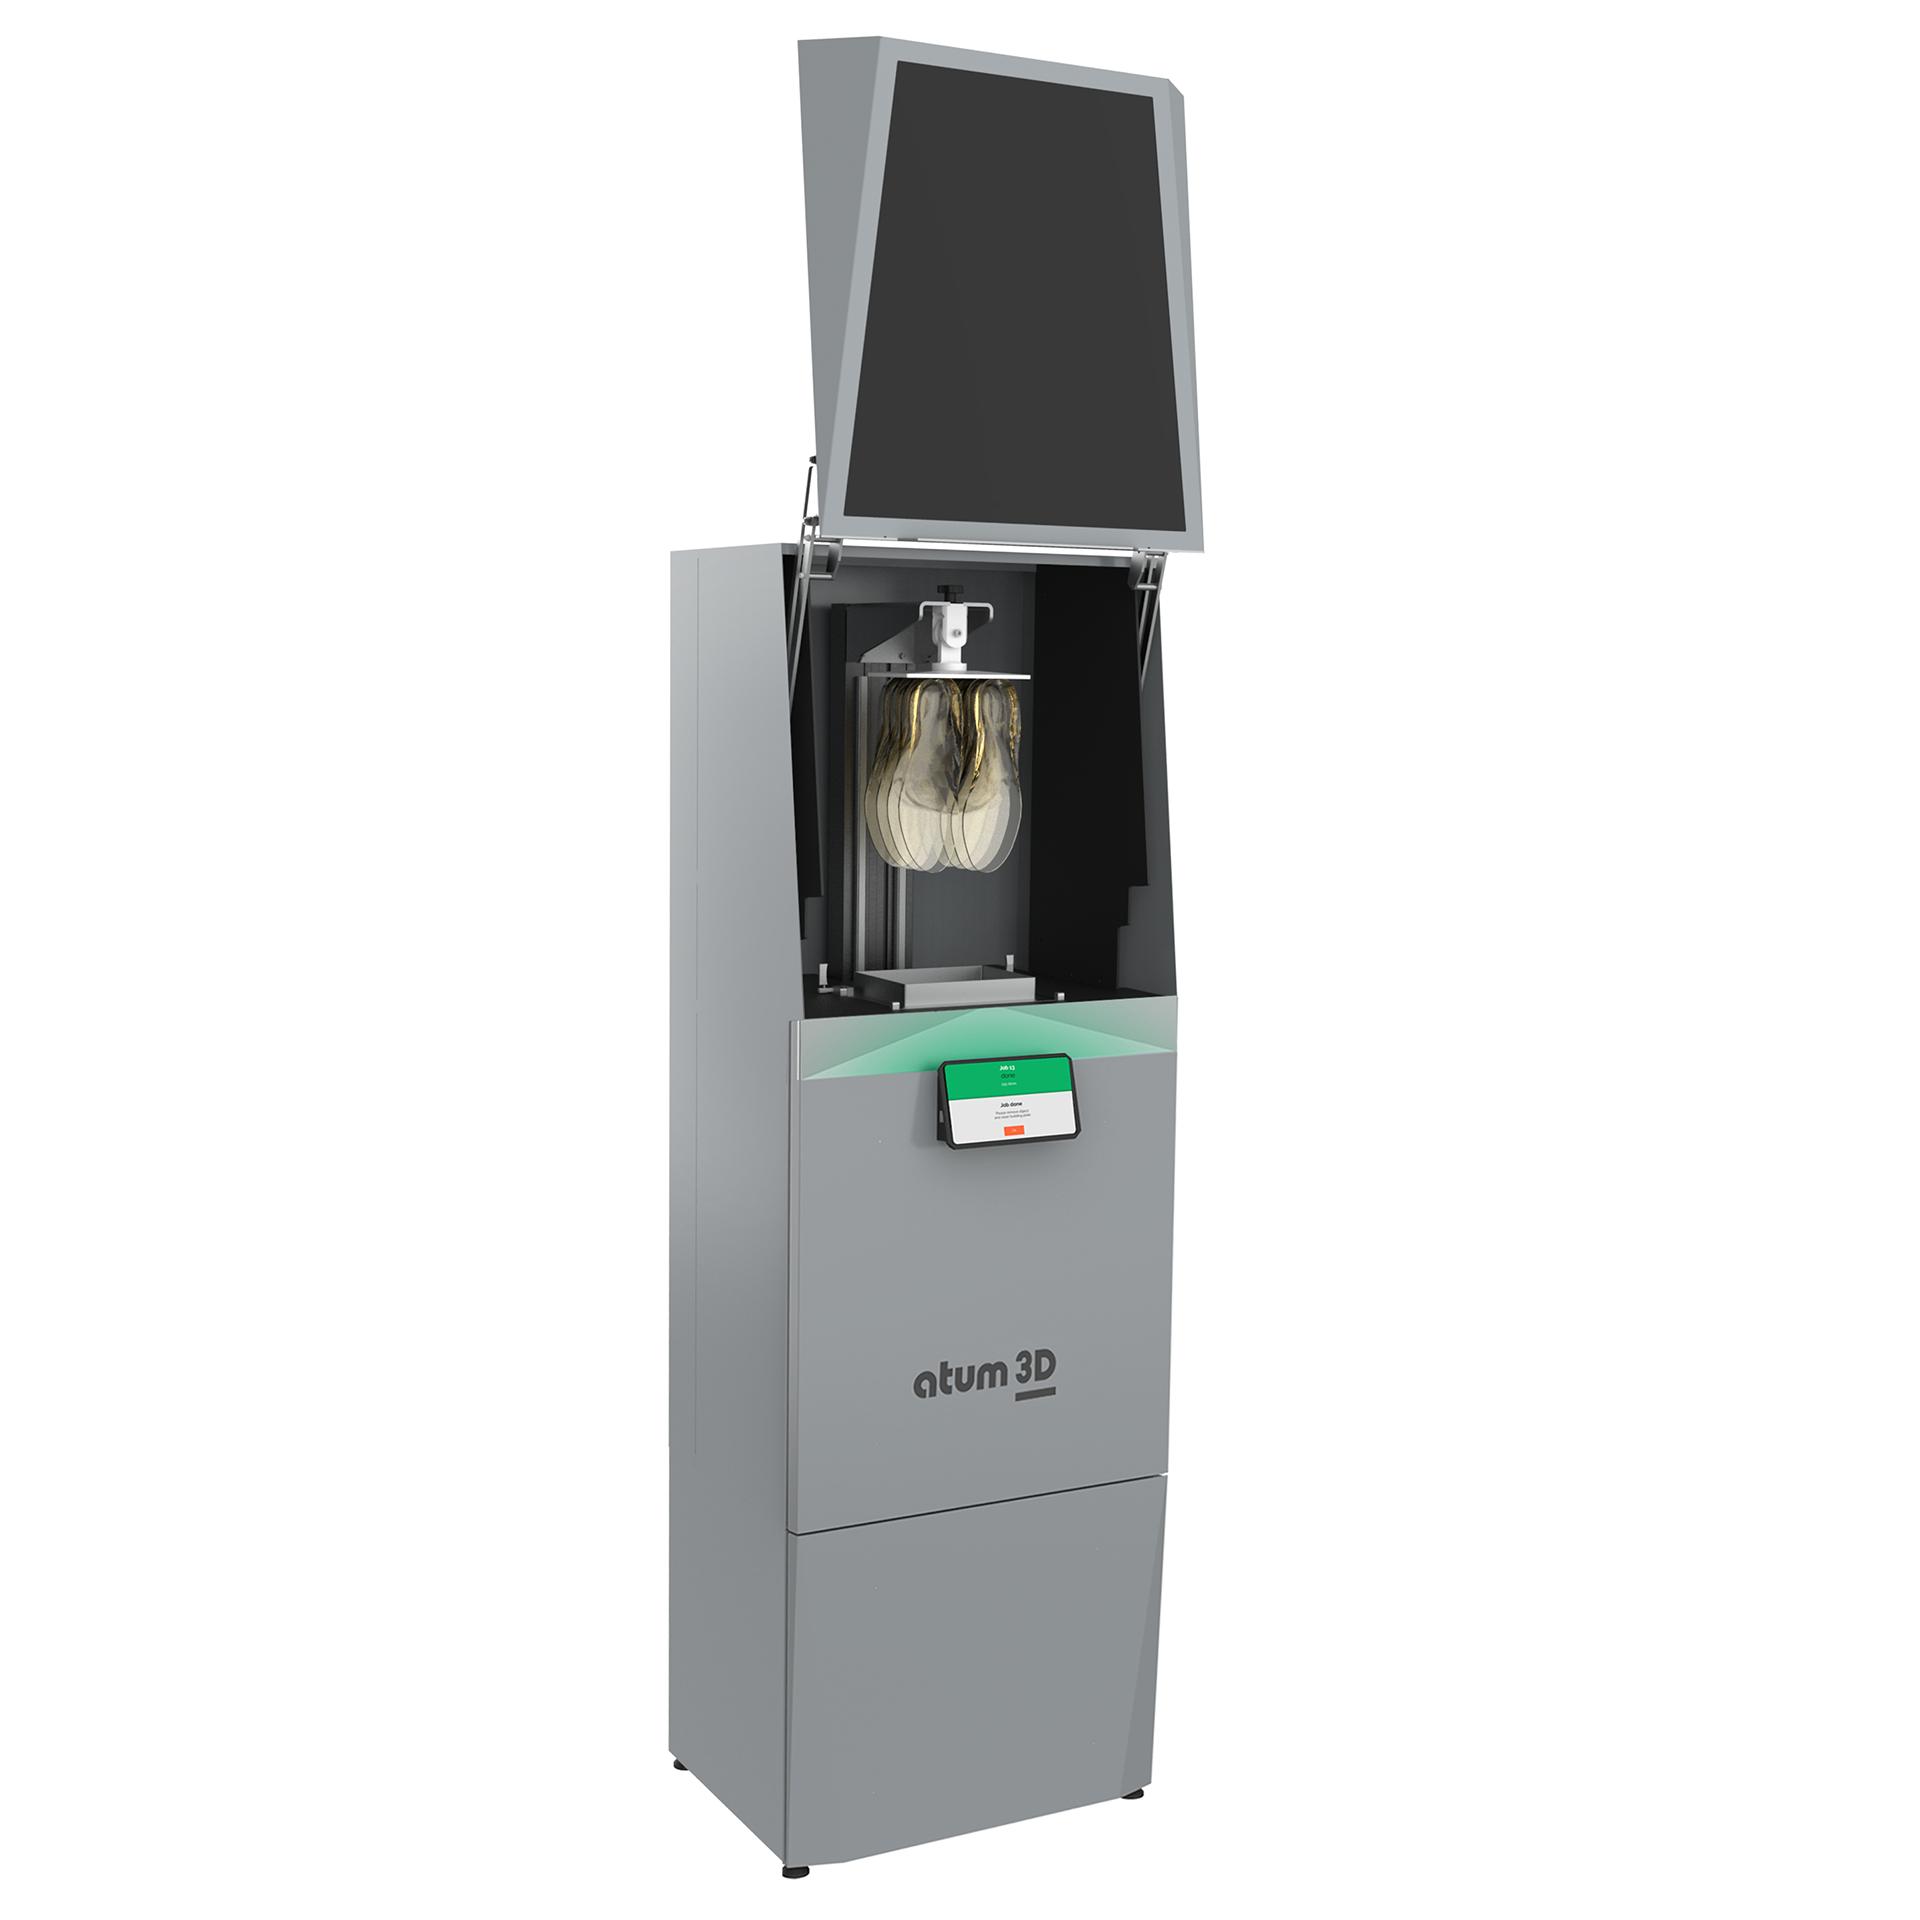 The atum3D DLP Station 5-365 EXZ 3D printer. Image via atum3D.